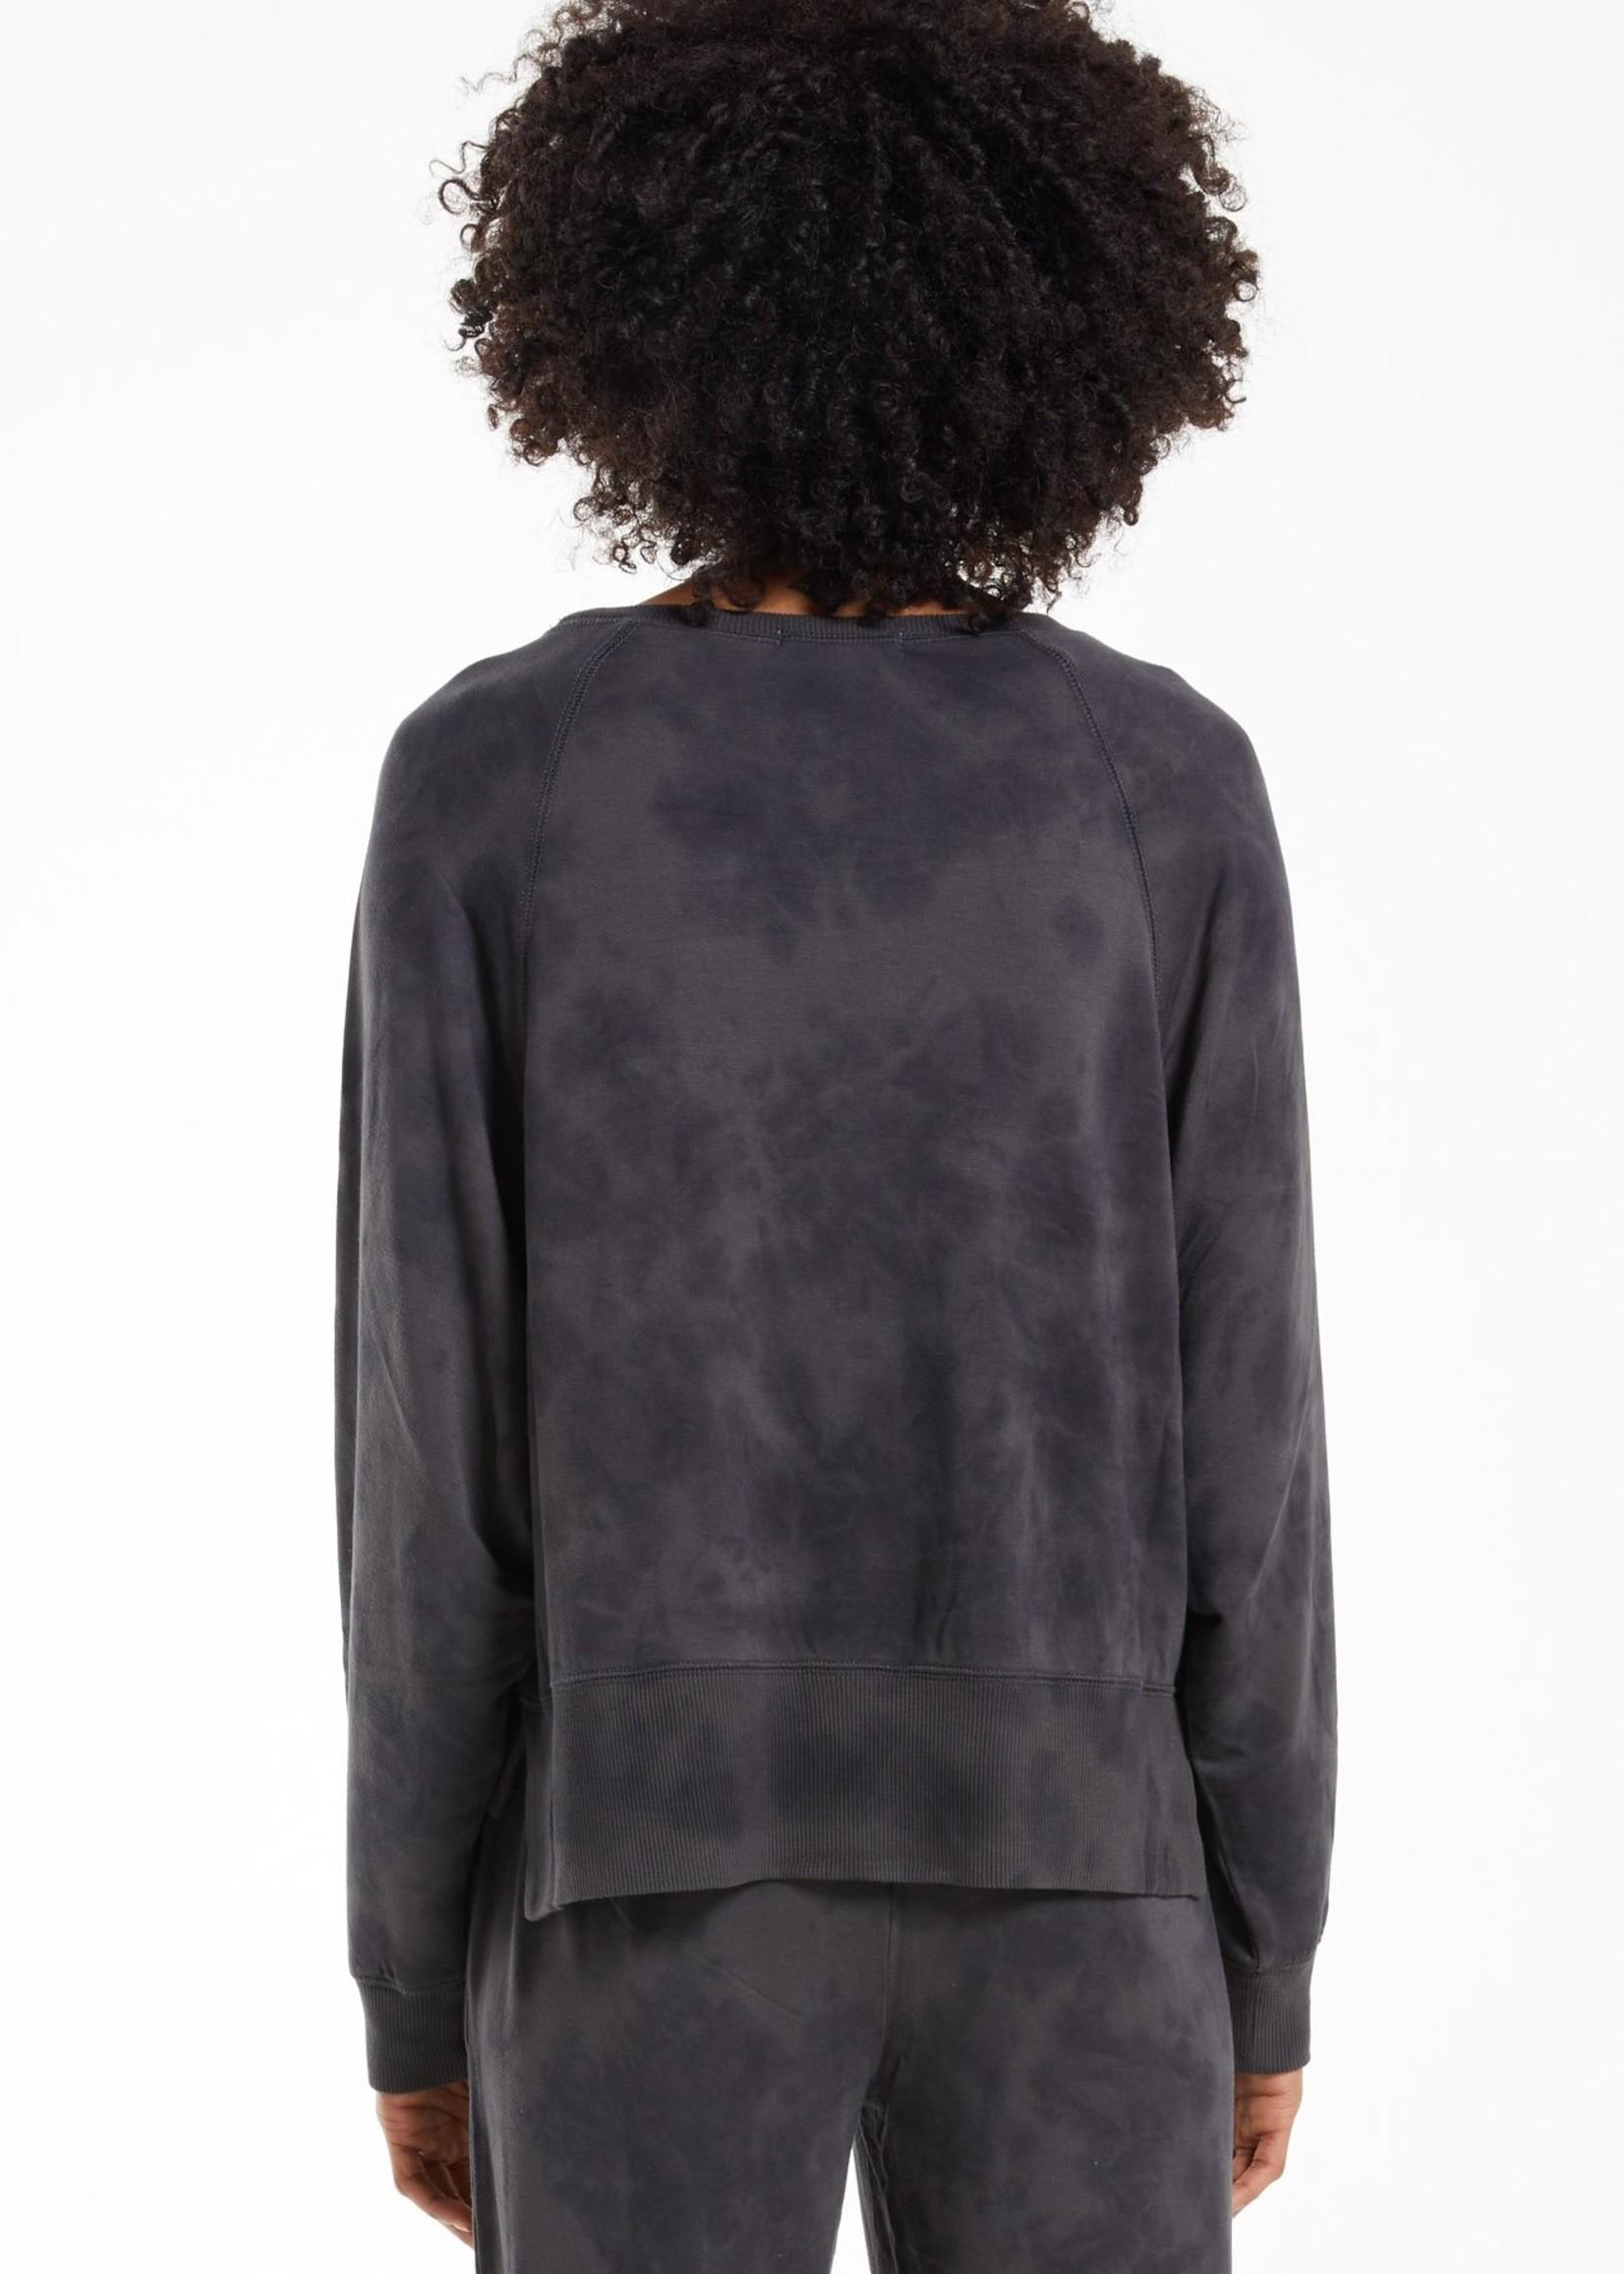 Z Supply Black Sleep Over Sweatshirt